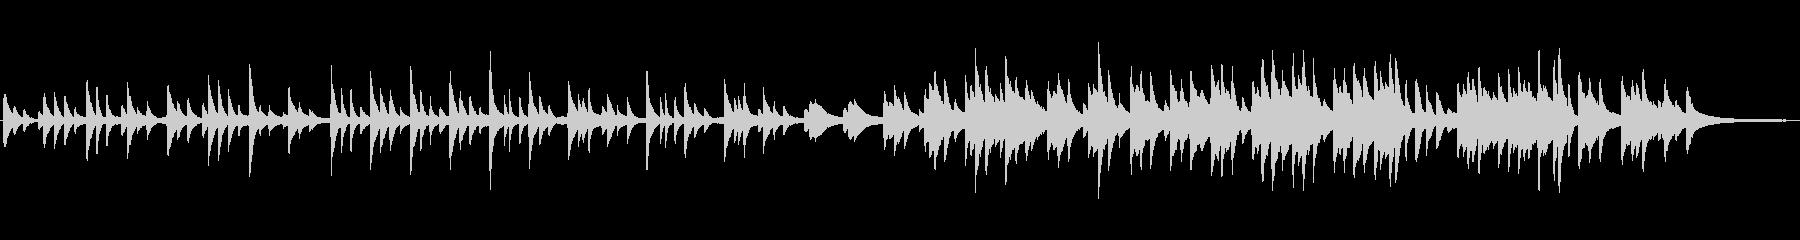 切なく穏やかなクラシックピアノの未再生の波形